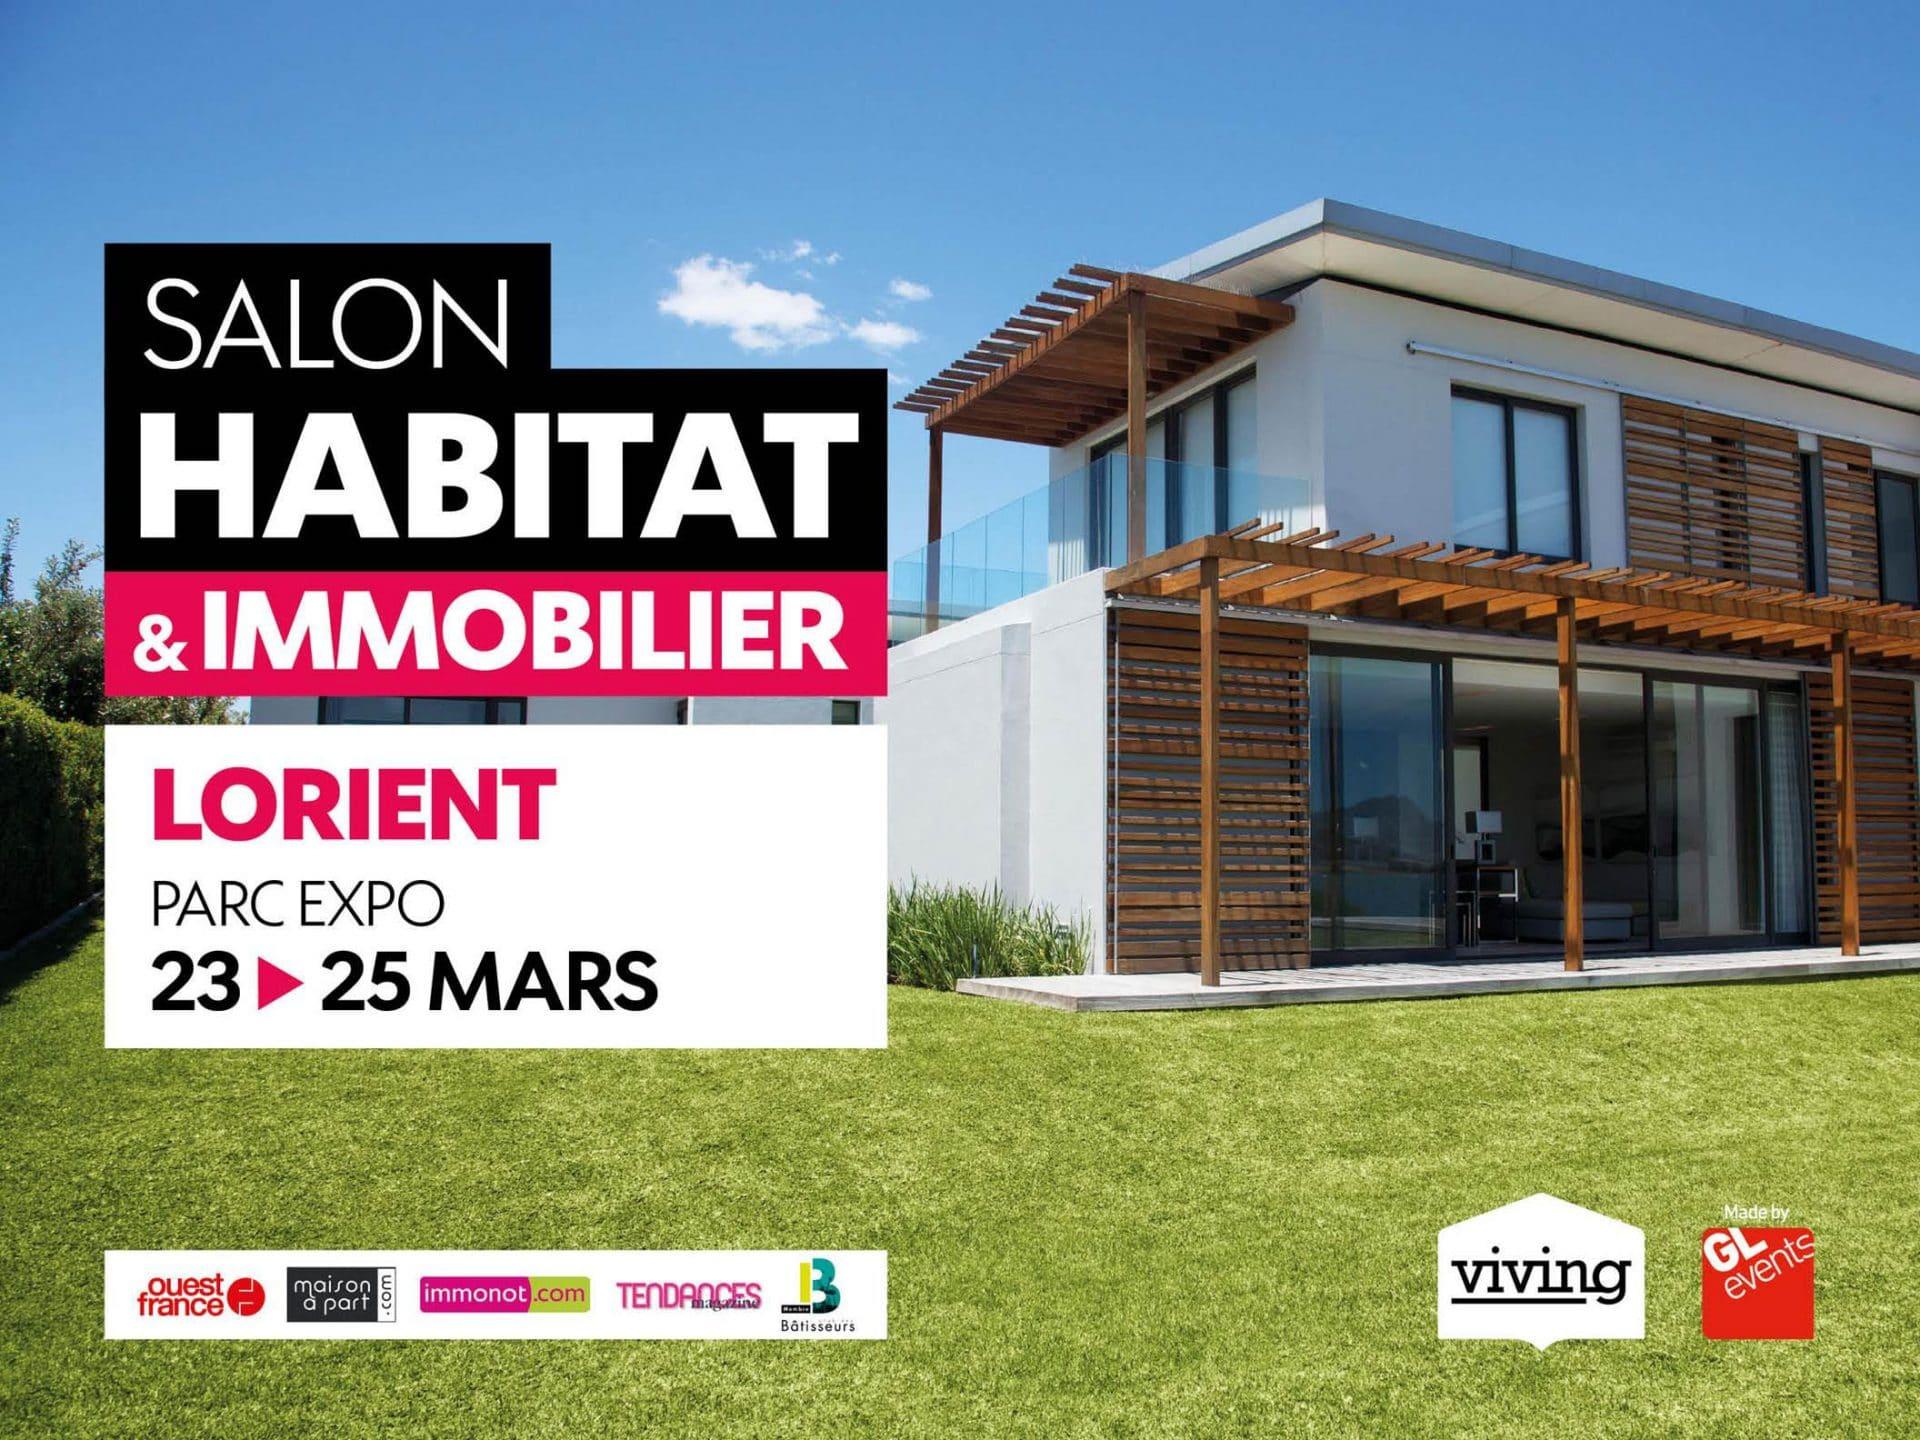 Découvrez illiCO travaux au Salon de l'Habitat et Immobilier Viving de Lorient